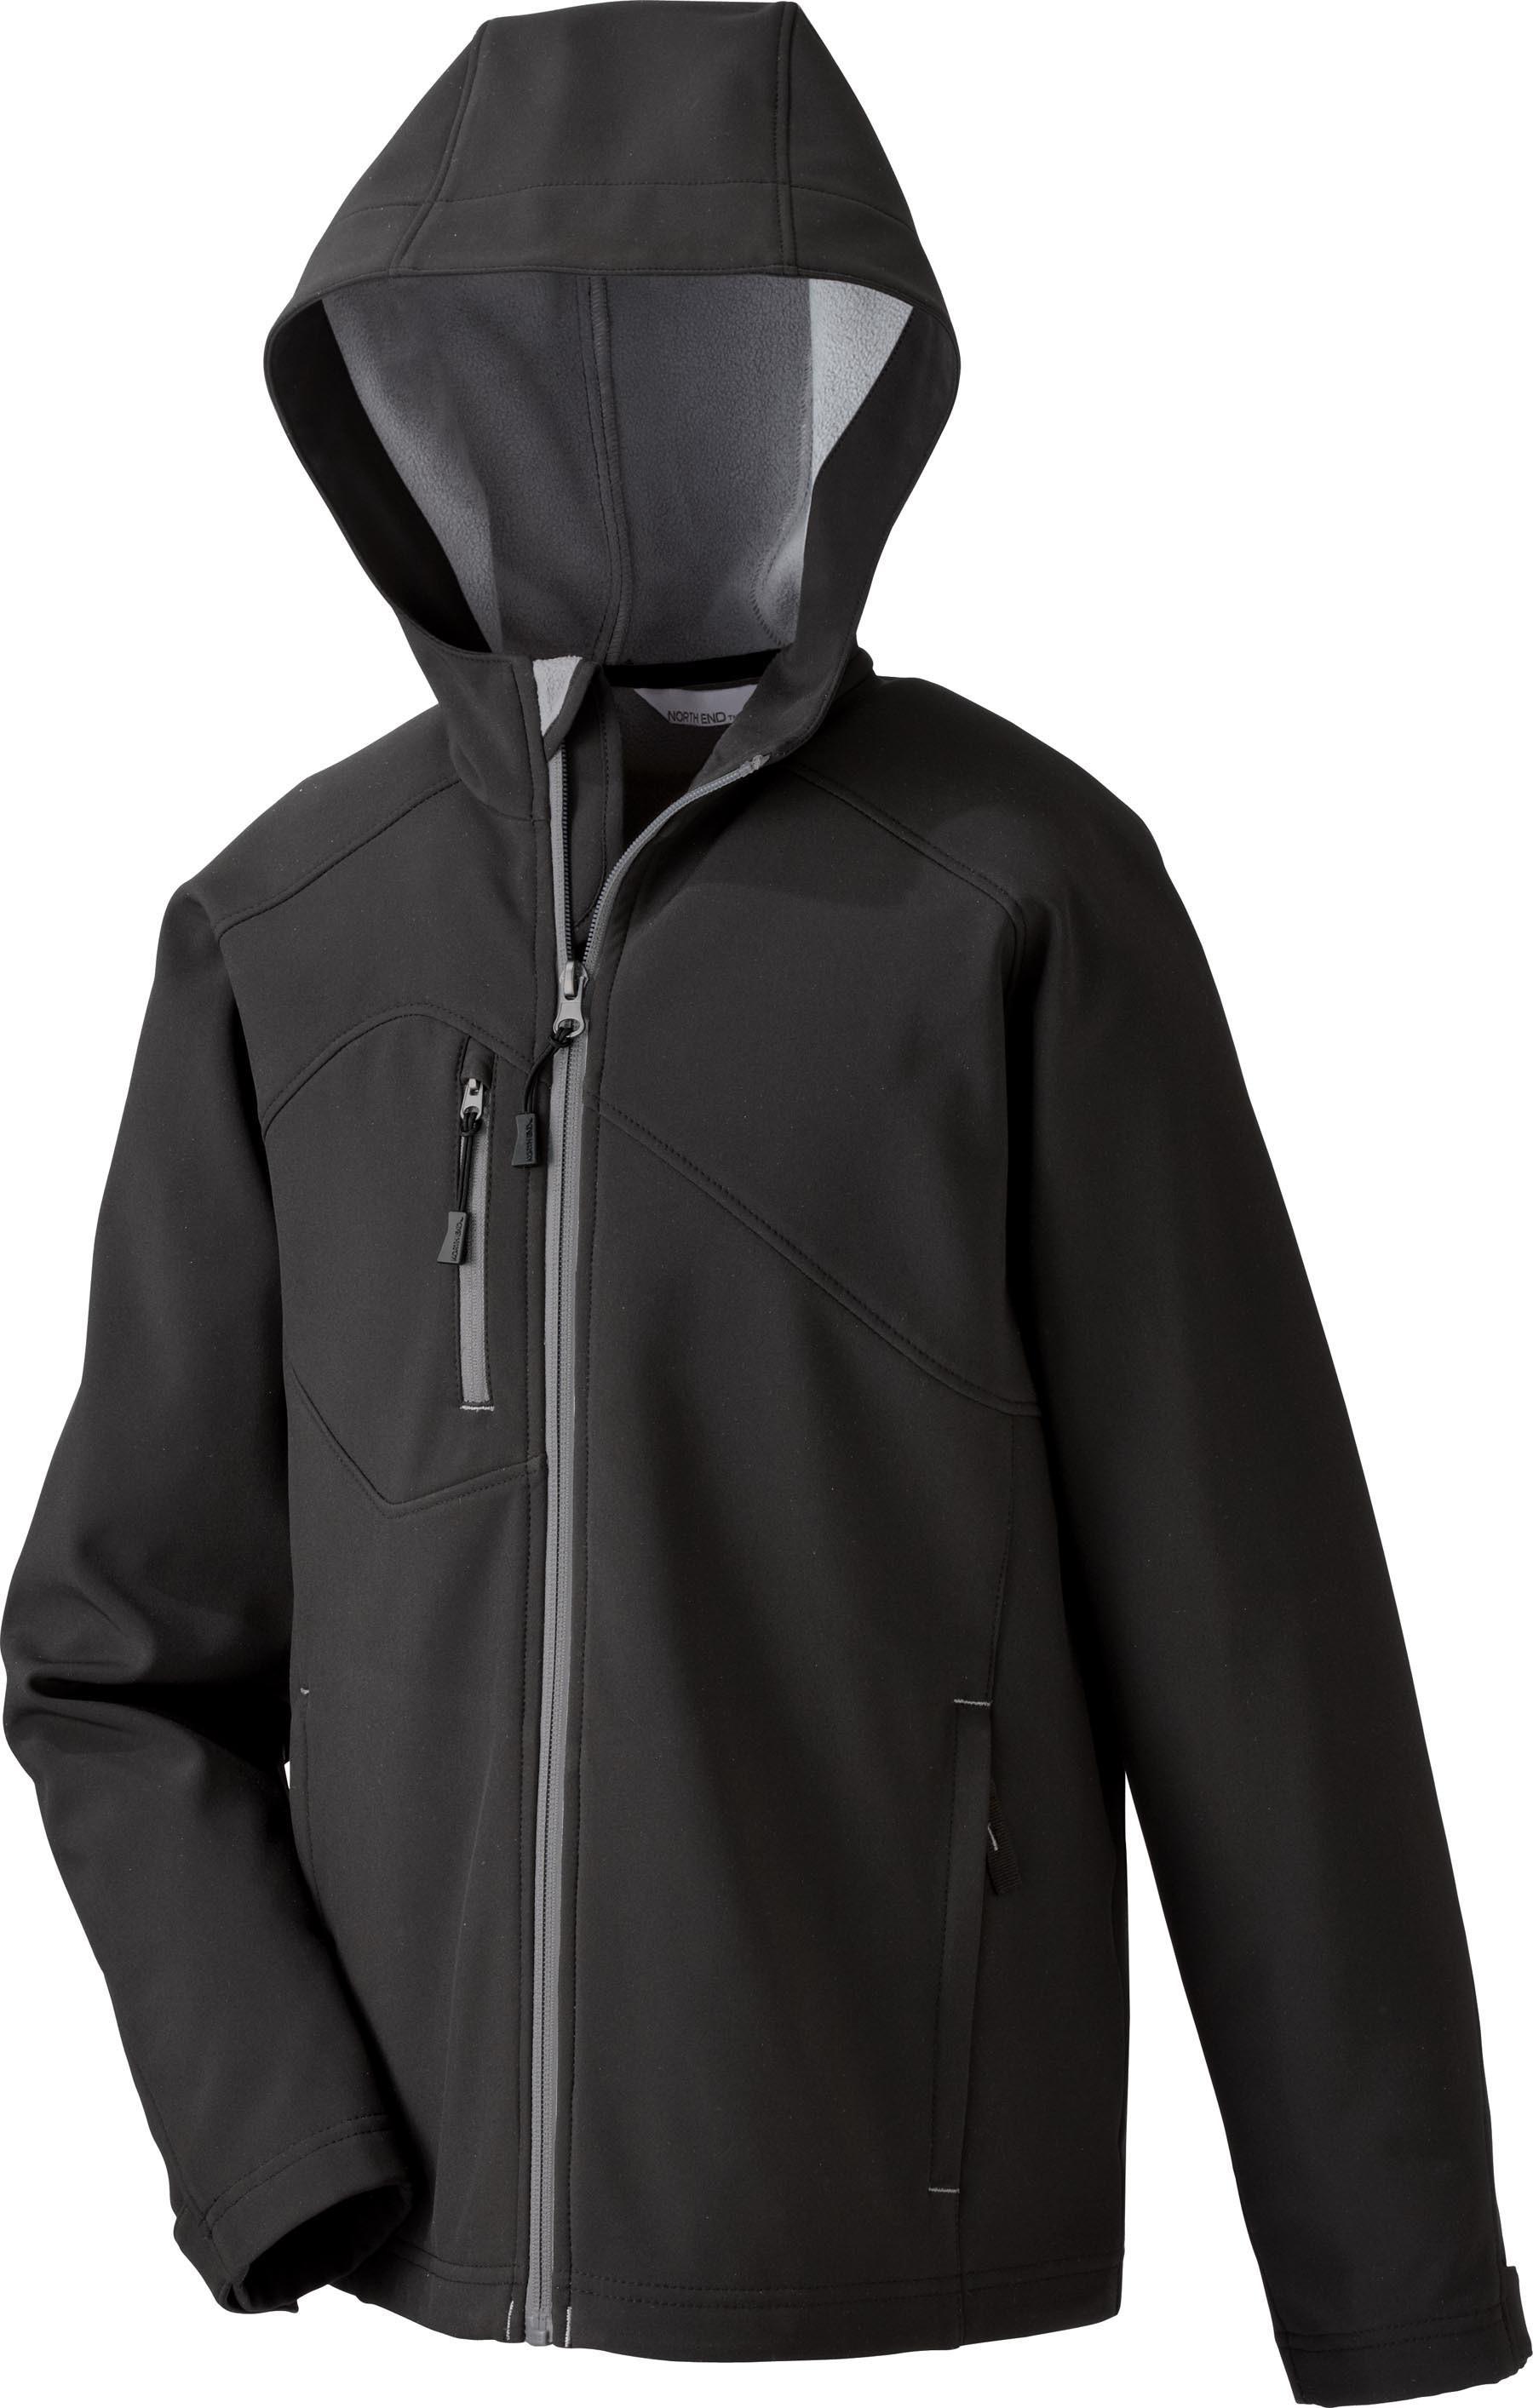 Ash City UTK 1 Warm.Logik 68166 - Prospect Youth Soft Shell Jacket With Hood